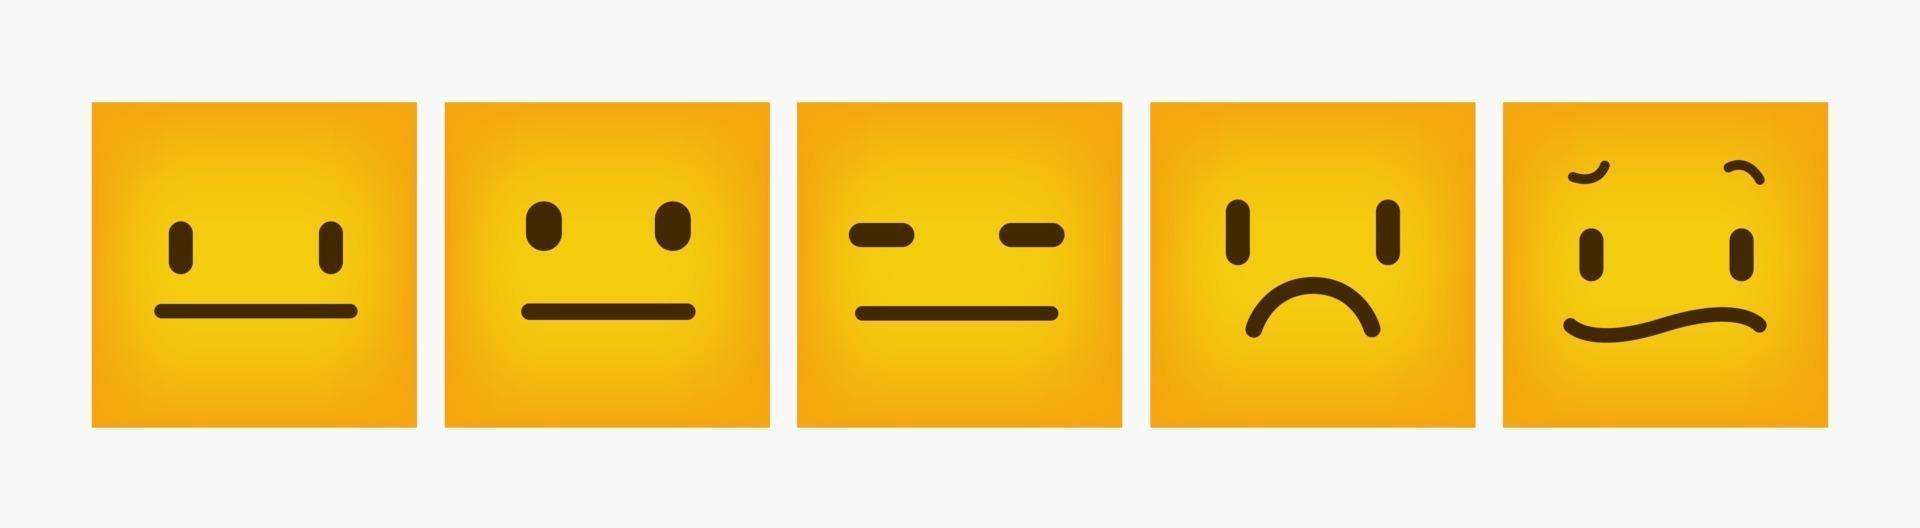 reactie emoticon ontwerp platte vierkante set vector